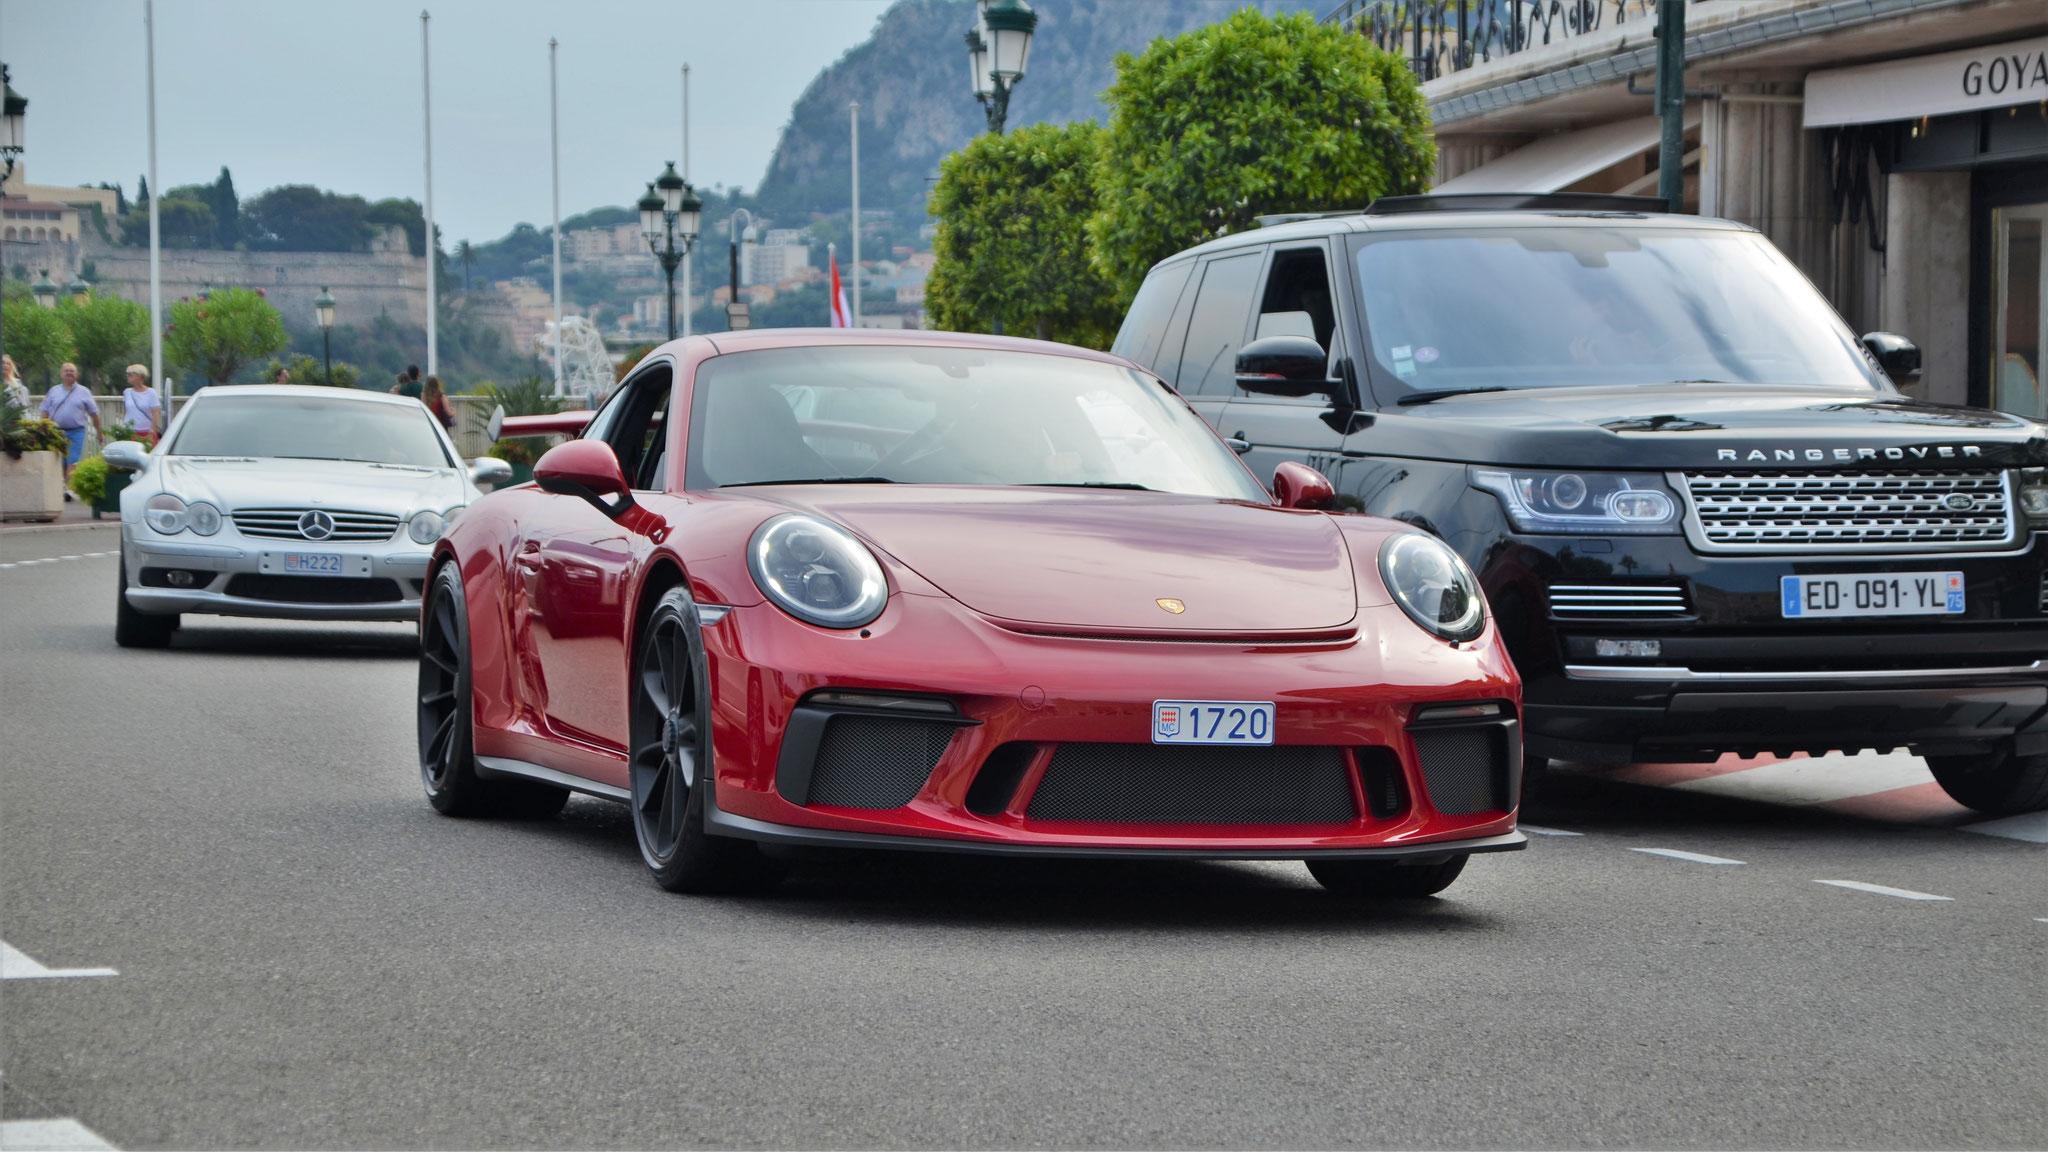 Porsche 991 GT3 - 1720 (MC)